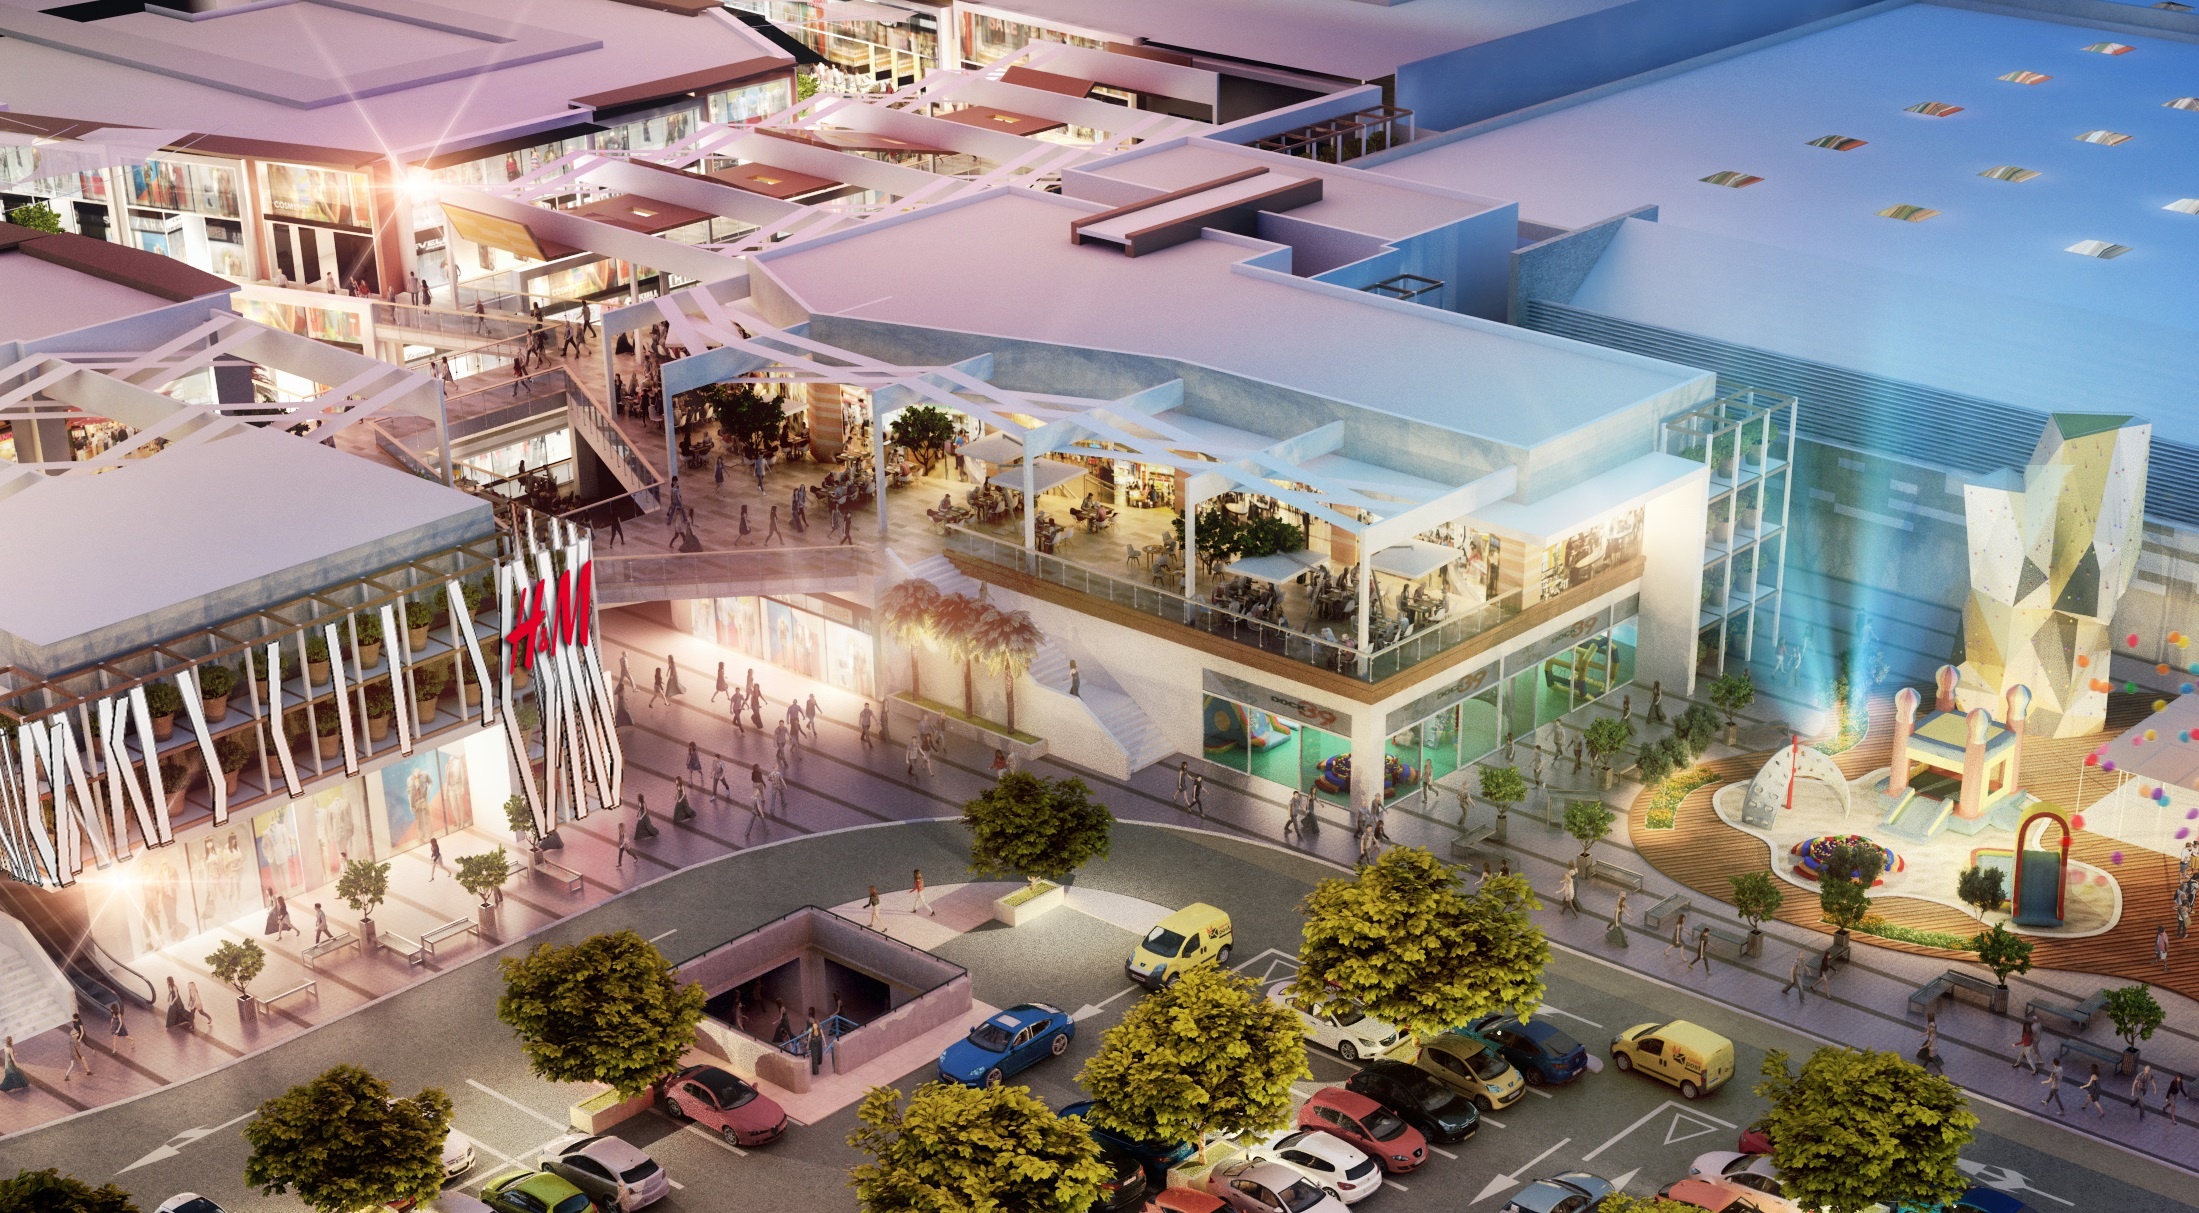 la apertura del nuevo centro comercial en palma de